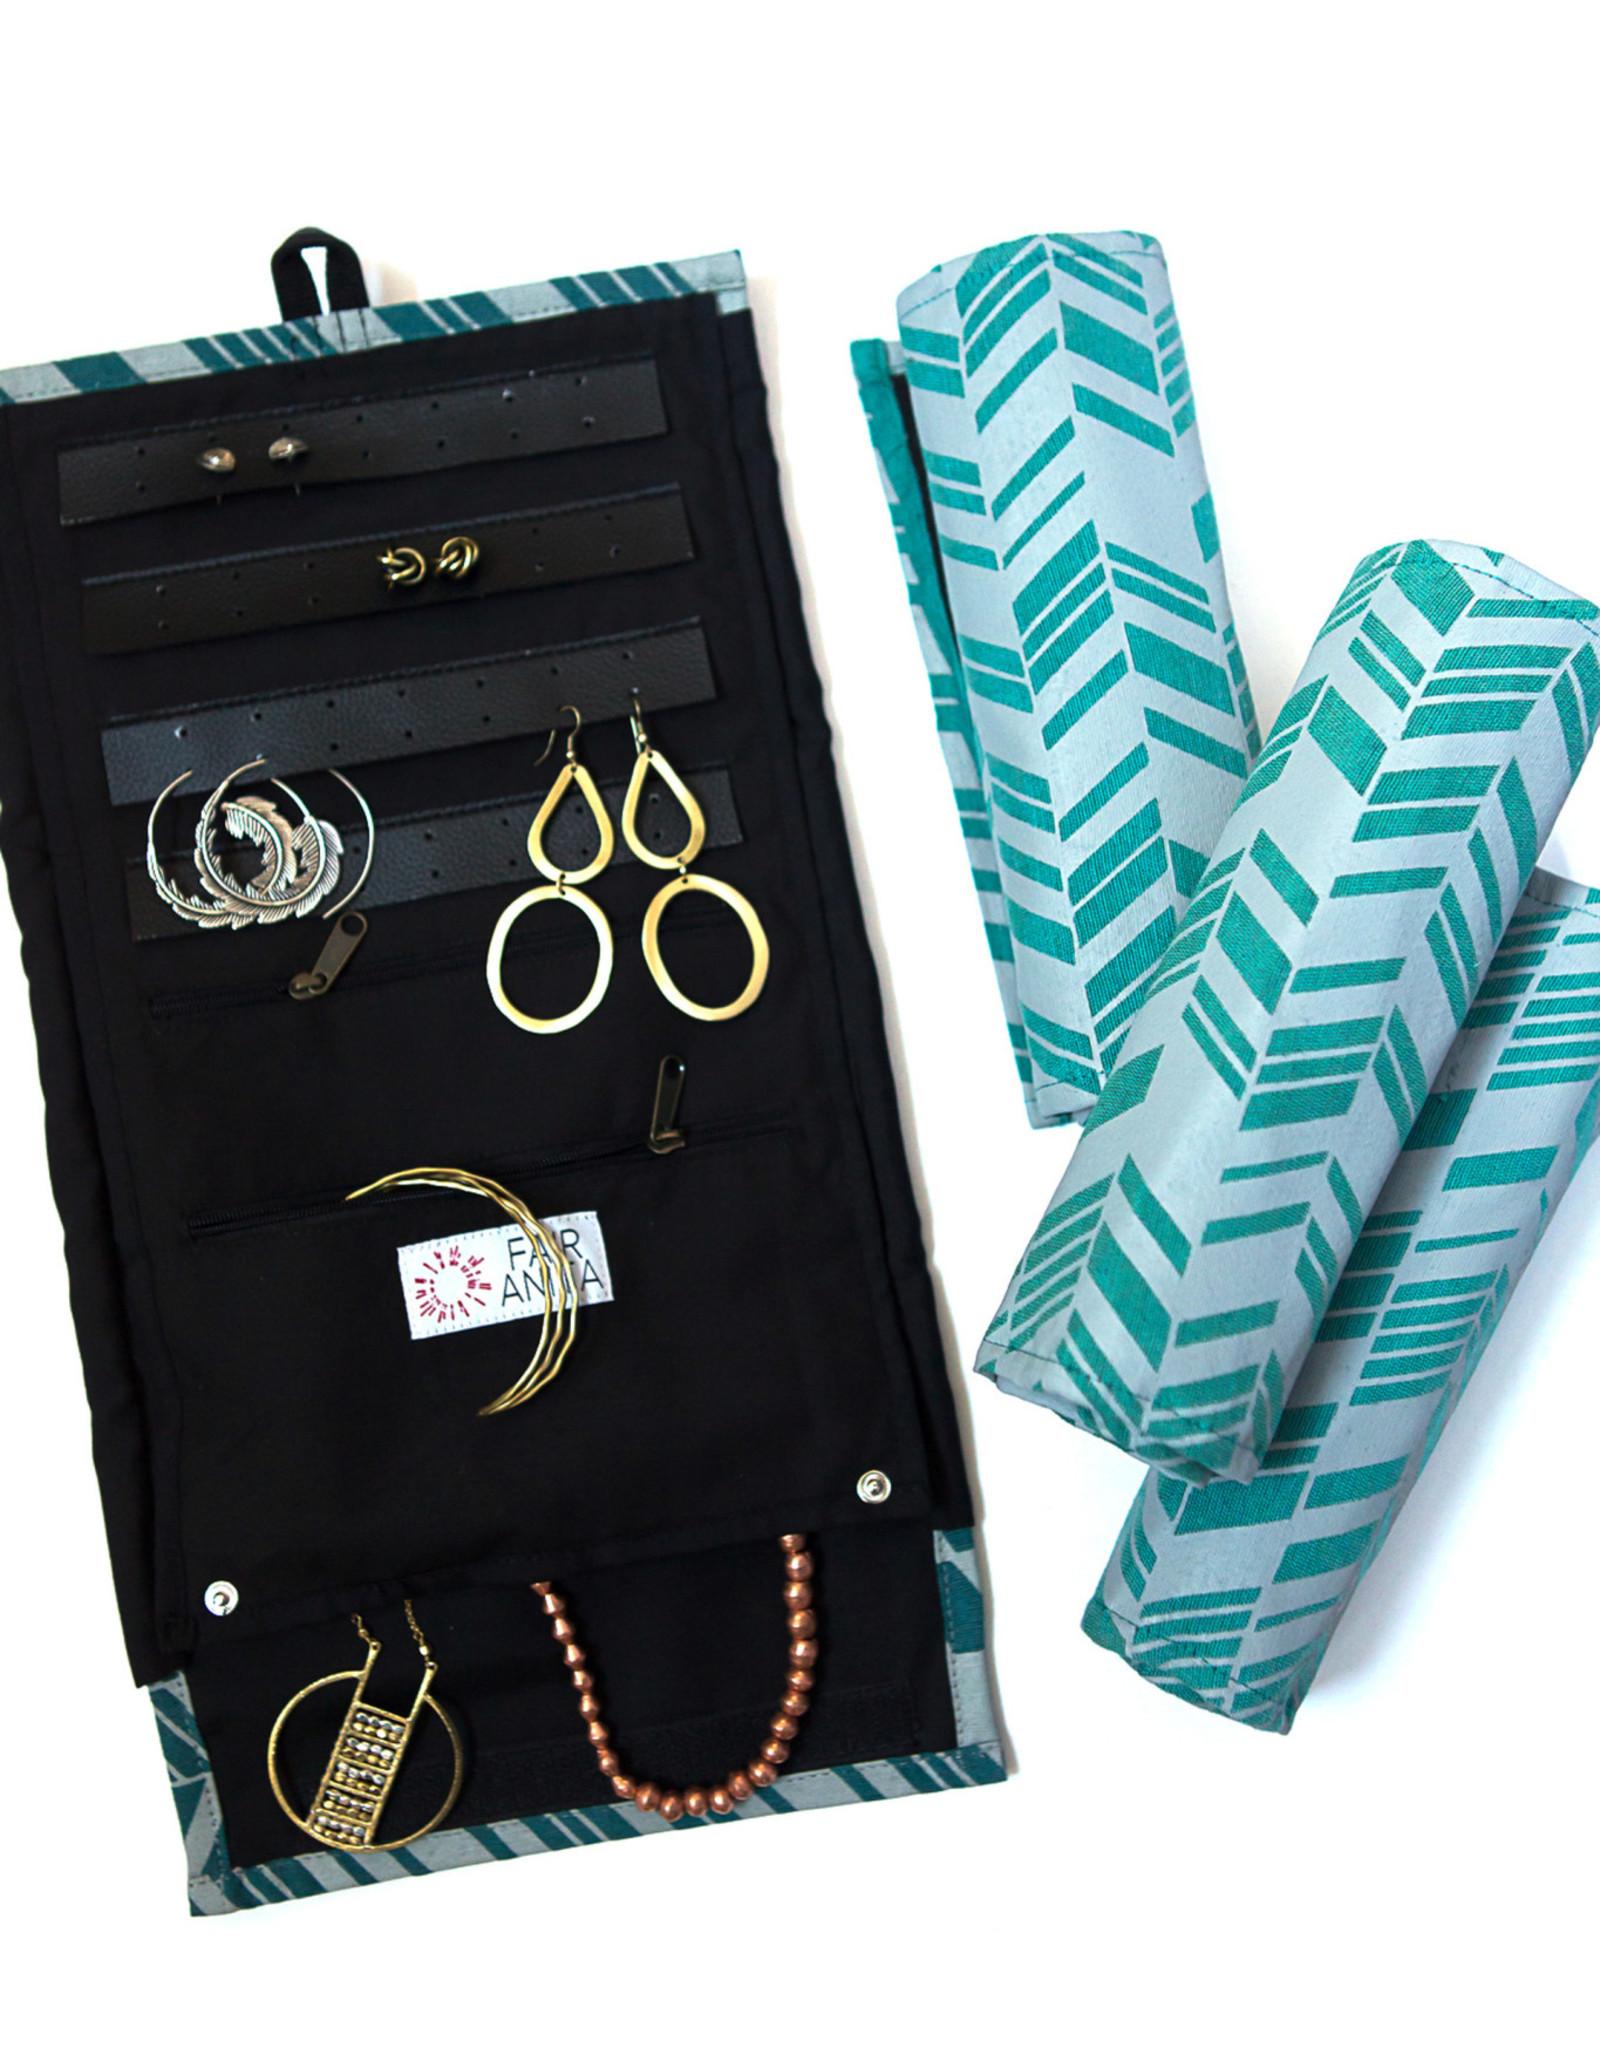 Wayfarer Jewelry Travel Case